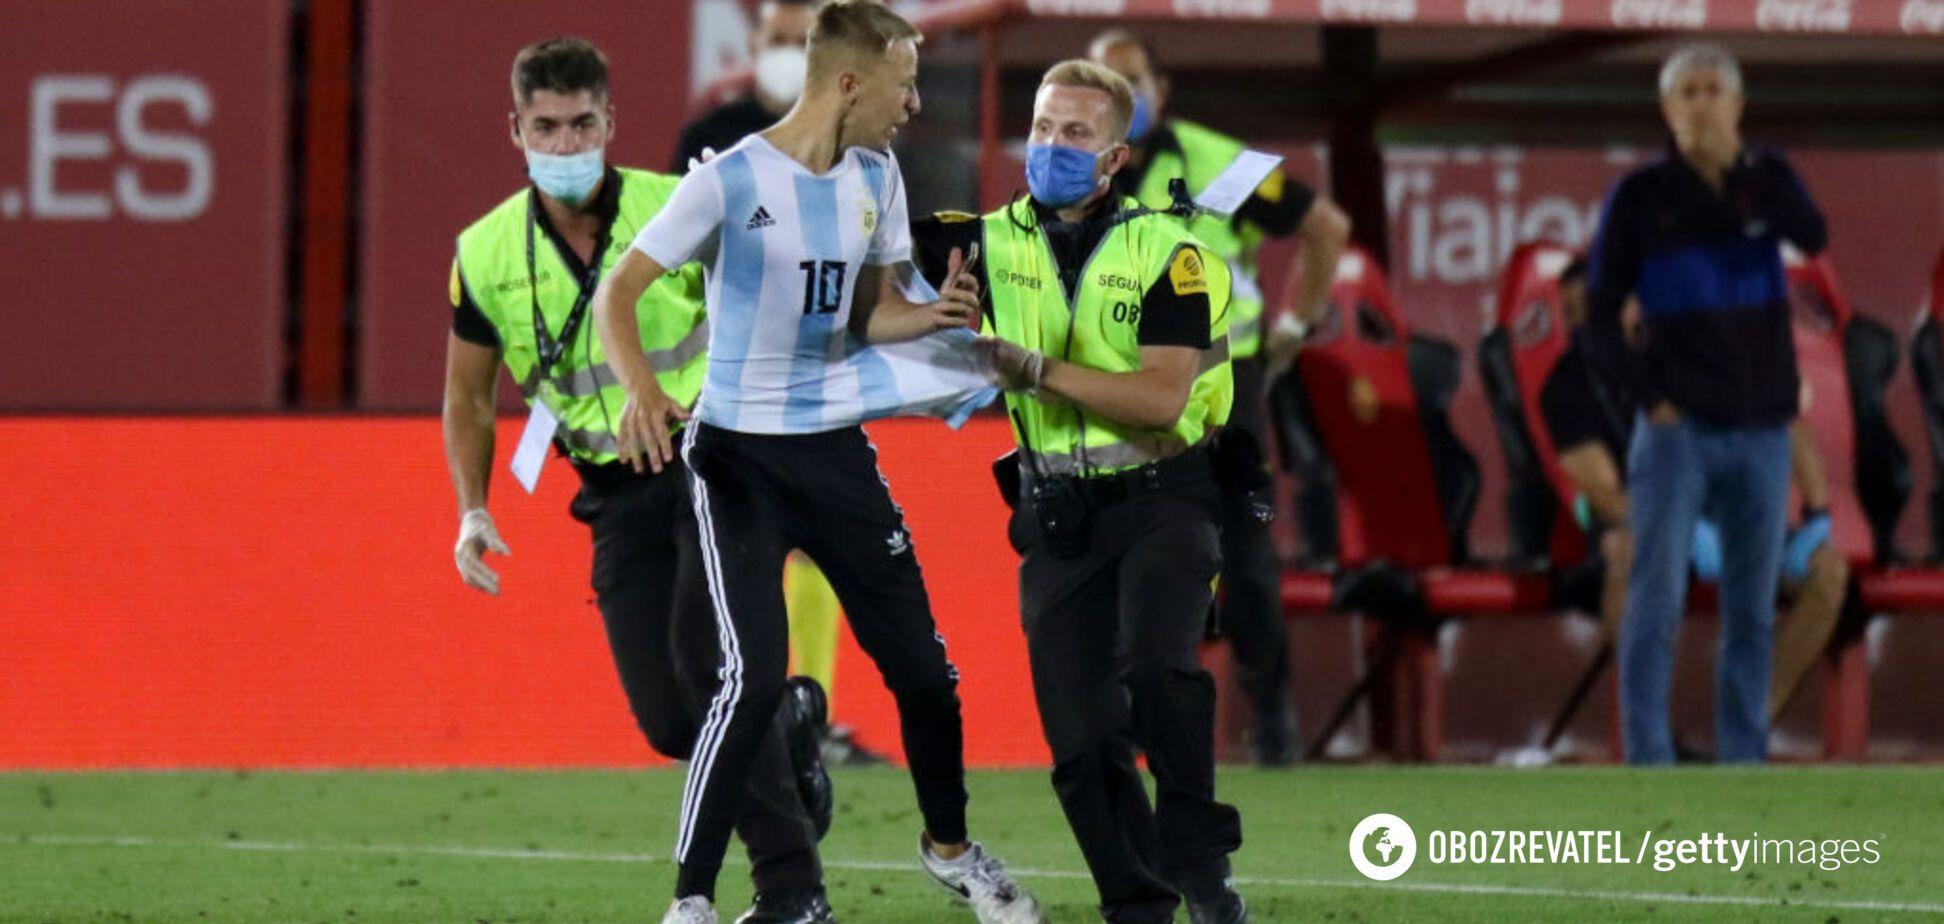 Фанат в майке Месси выбежал на поле во время игры 'Барселоны' без зрителей